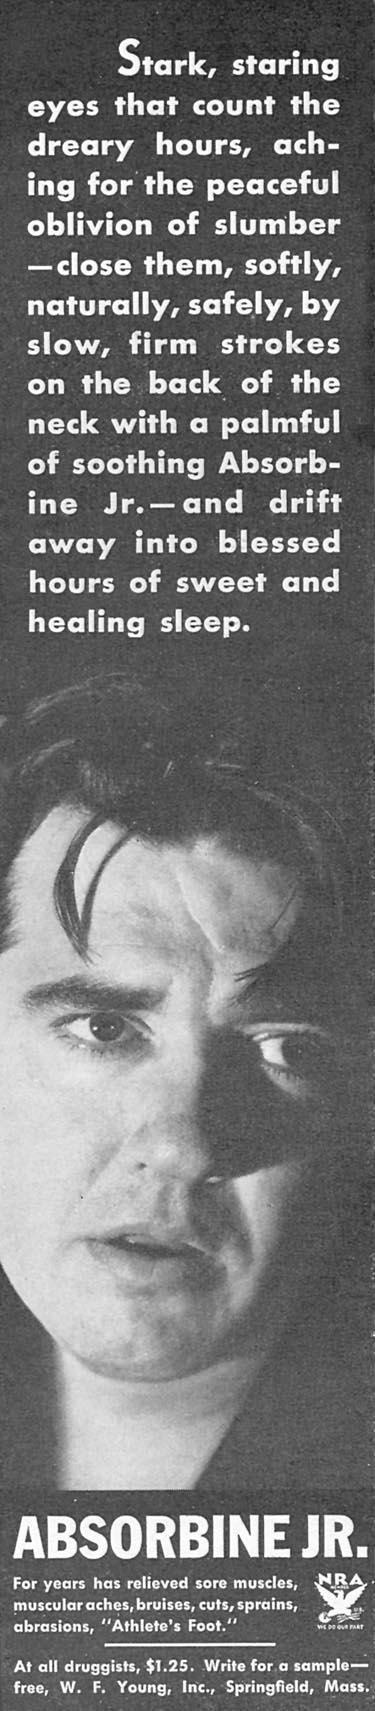 ABSORBINE JR. GOOD HOUSEKEEPING 12/01/1933 p. 126